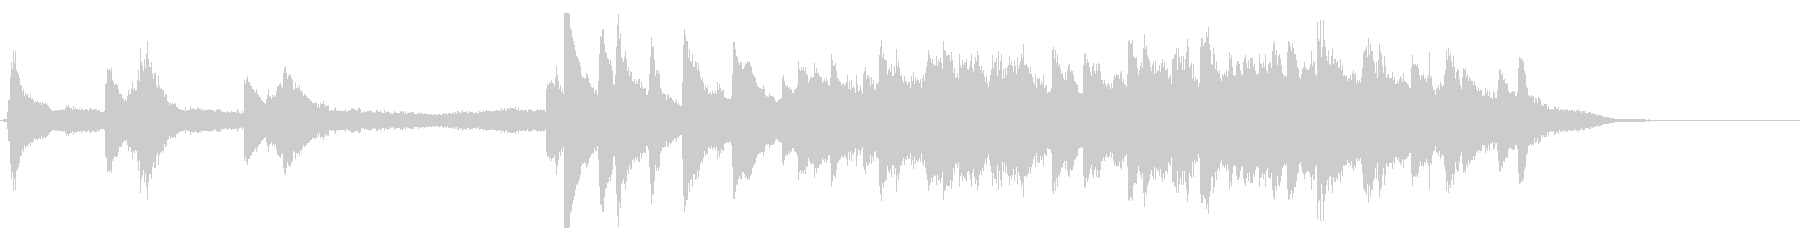 ピアノとストリングスの30秒CM向けの曲の未再生の波形